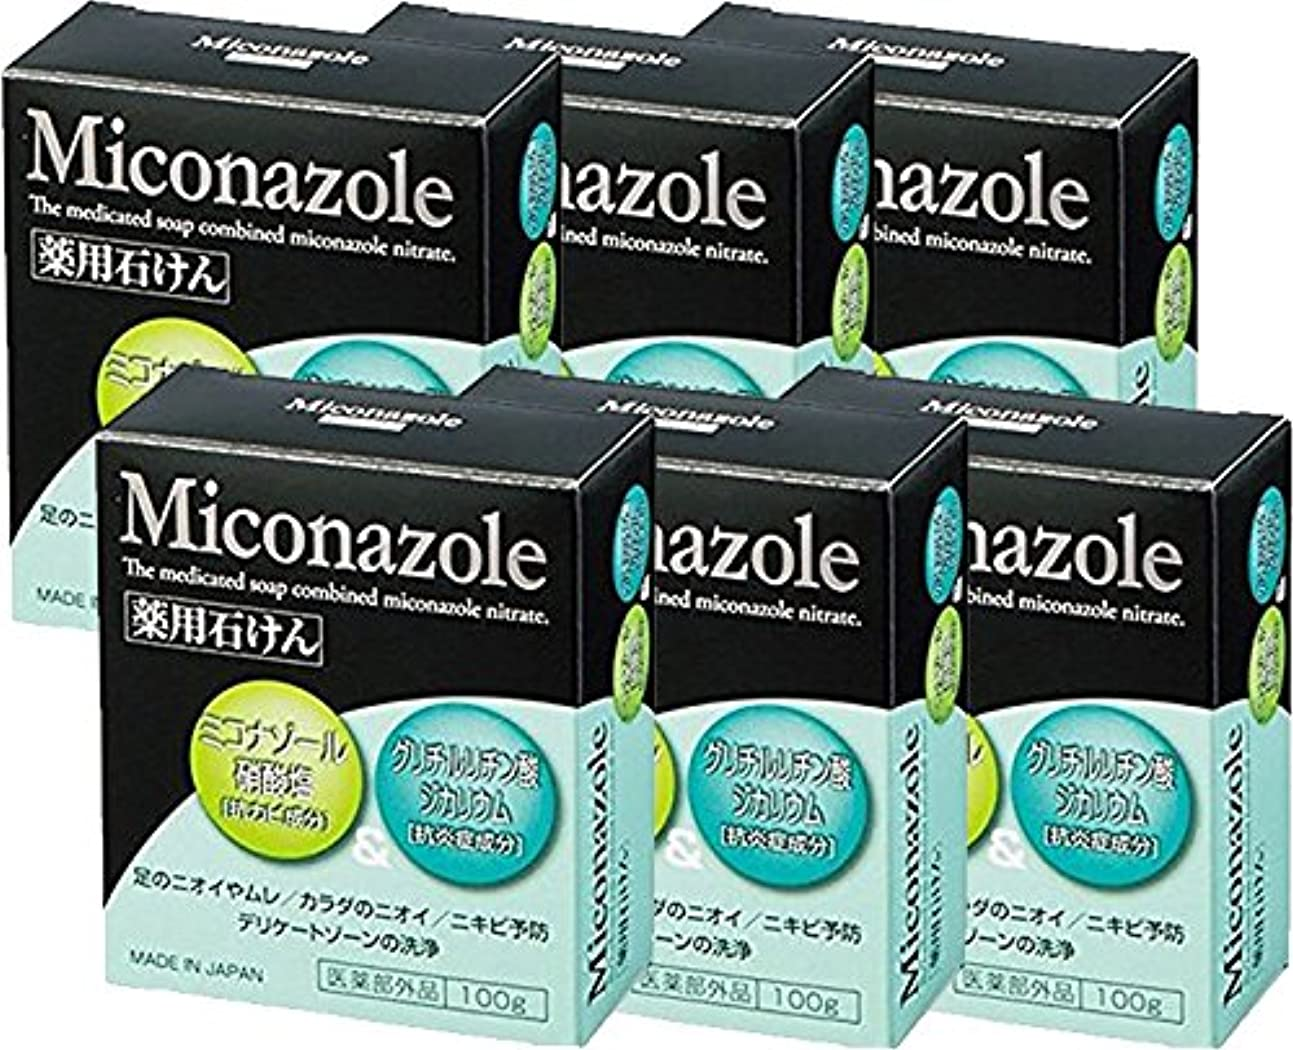 せがむ弓アコードミコナゾール 薬用せっけん 100g 《医薬部外品》 (6個)